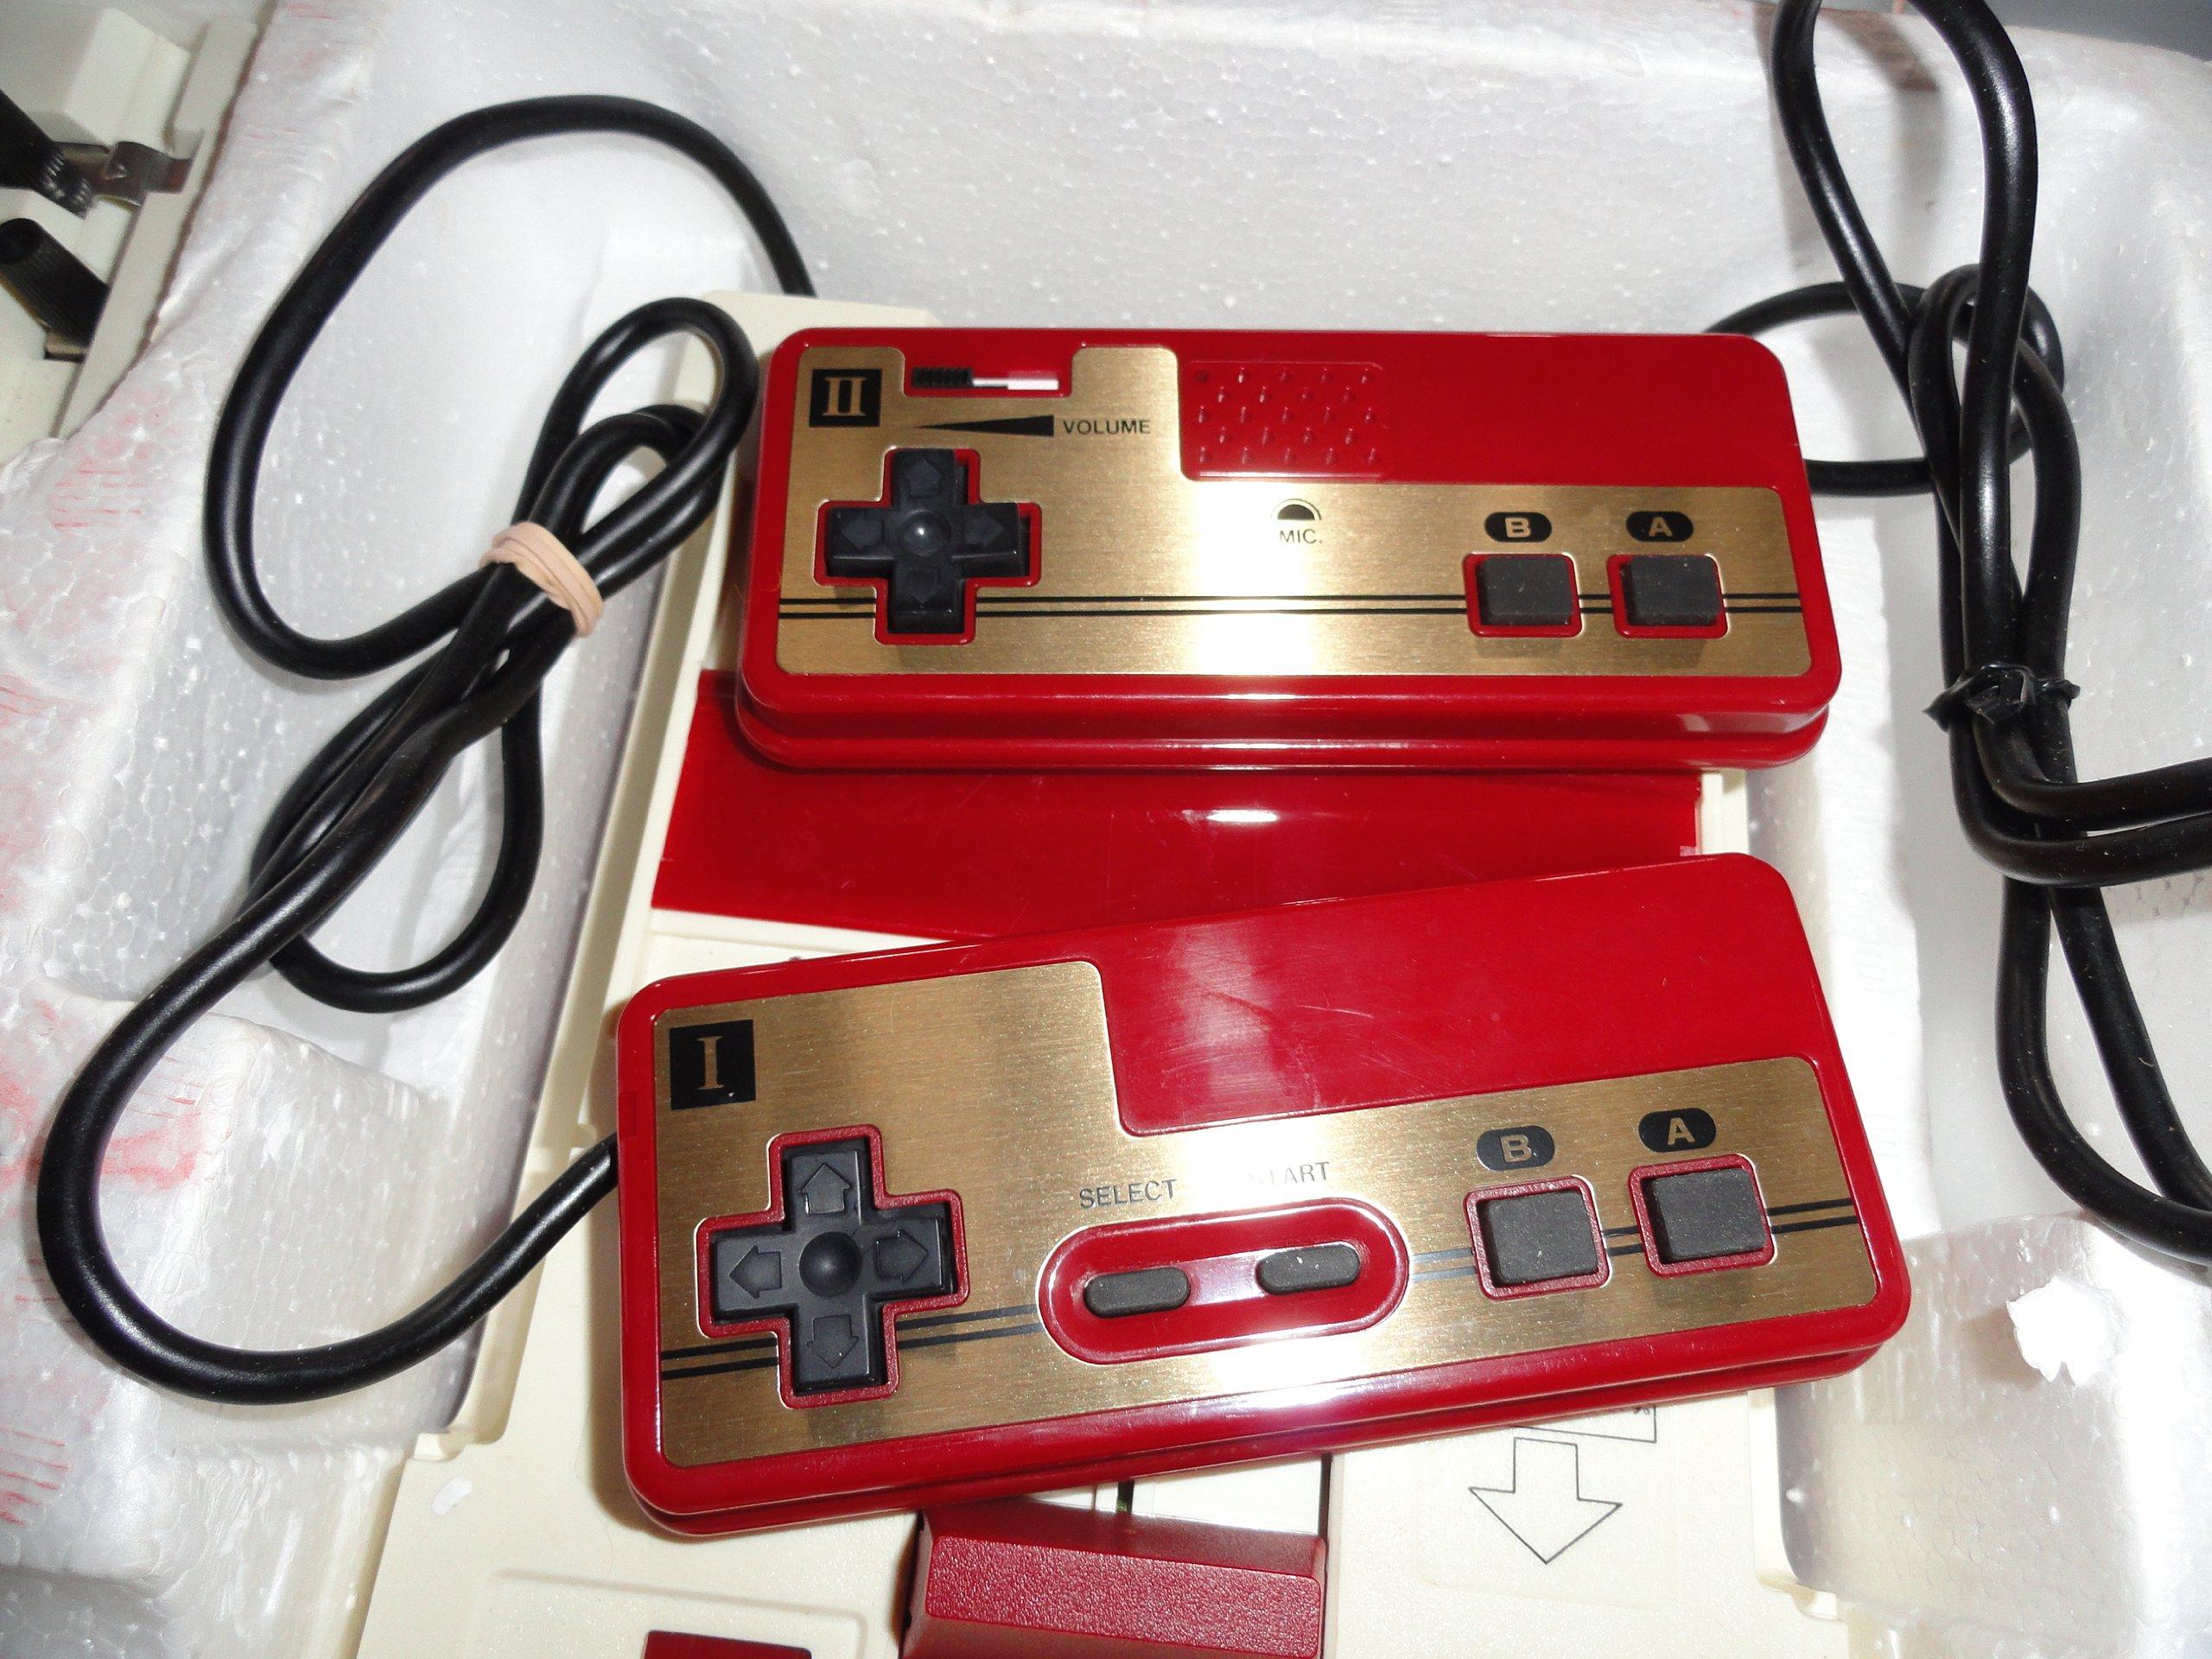 Nintendo Famicom (Family Computer System), Original 1983 Japanese Console by Nintendo (Image #4)